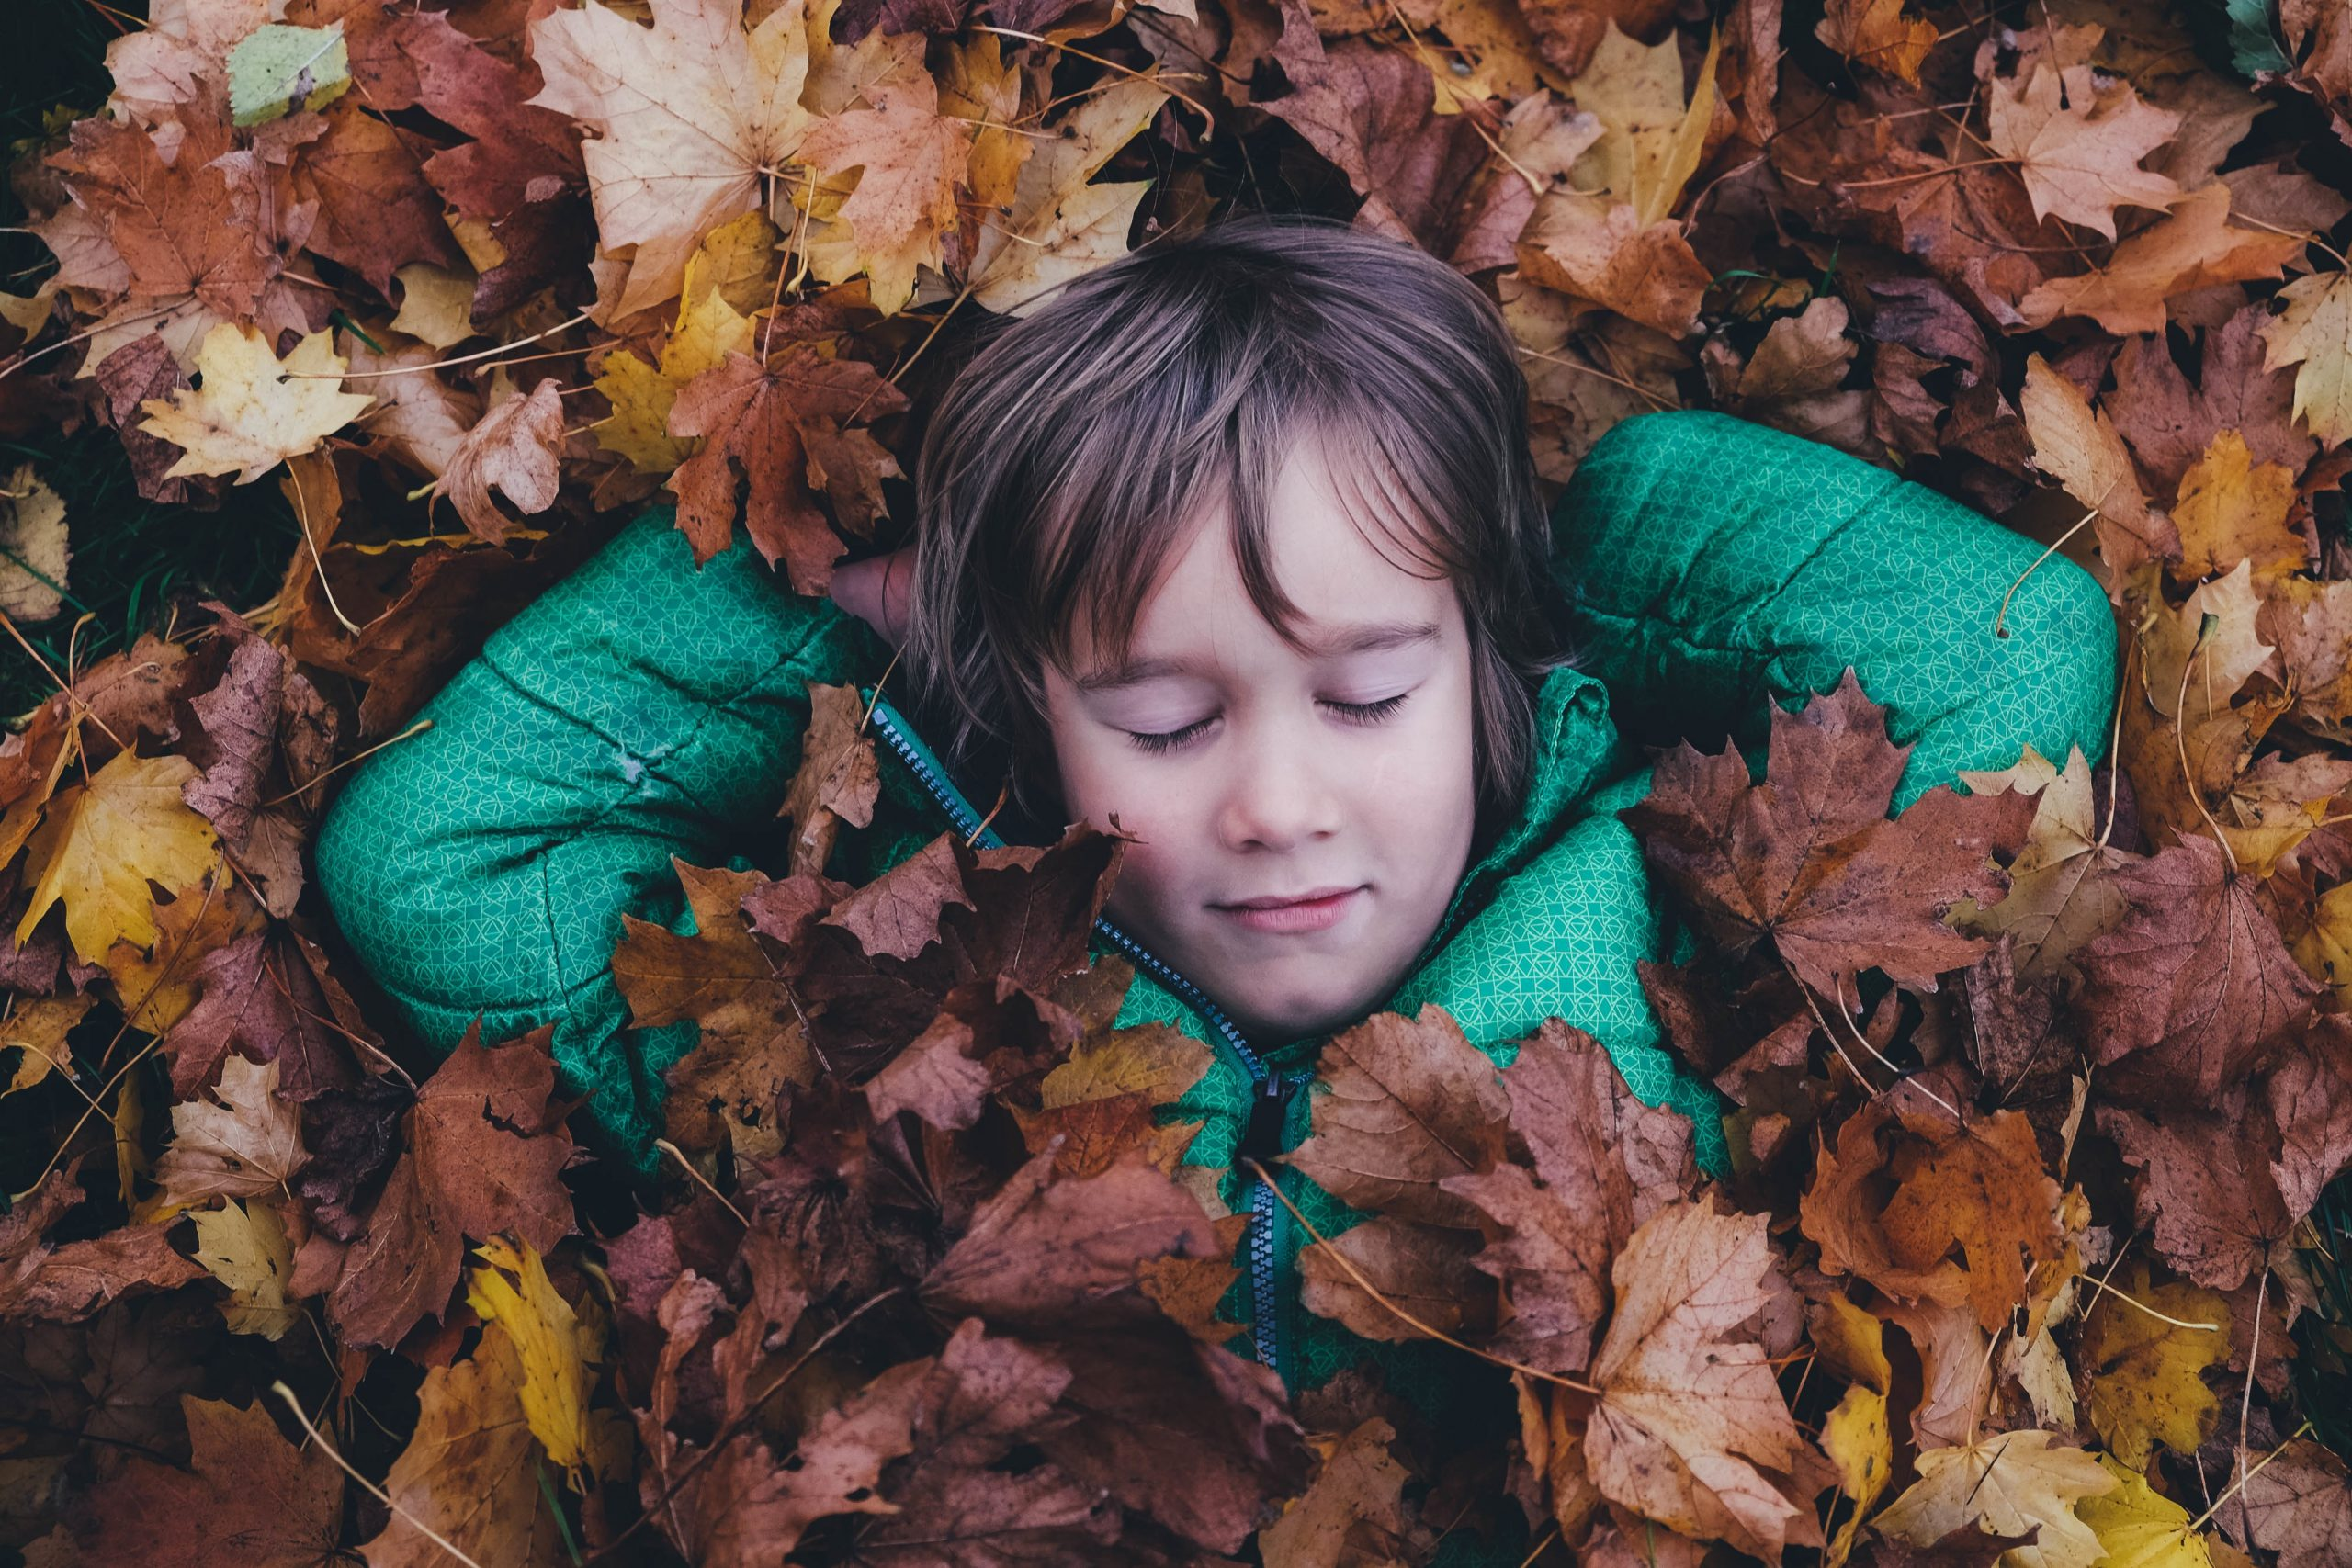 Zdjęcie dziecka śpiącego w liściach